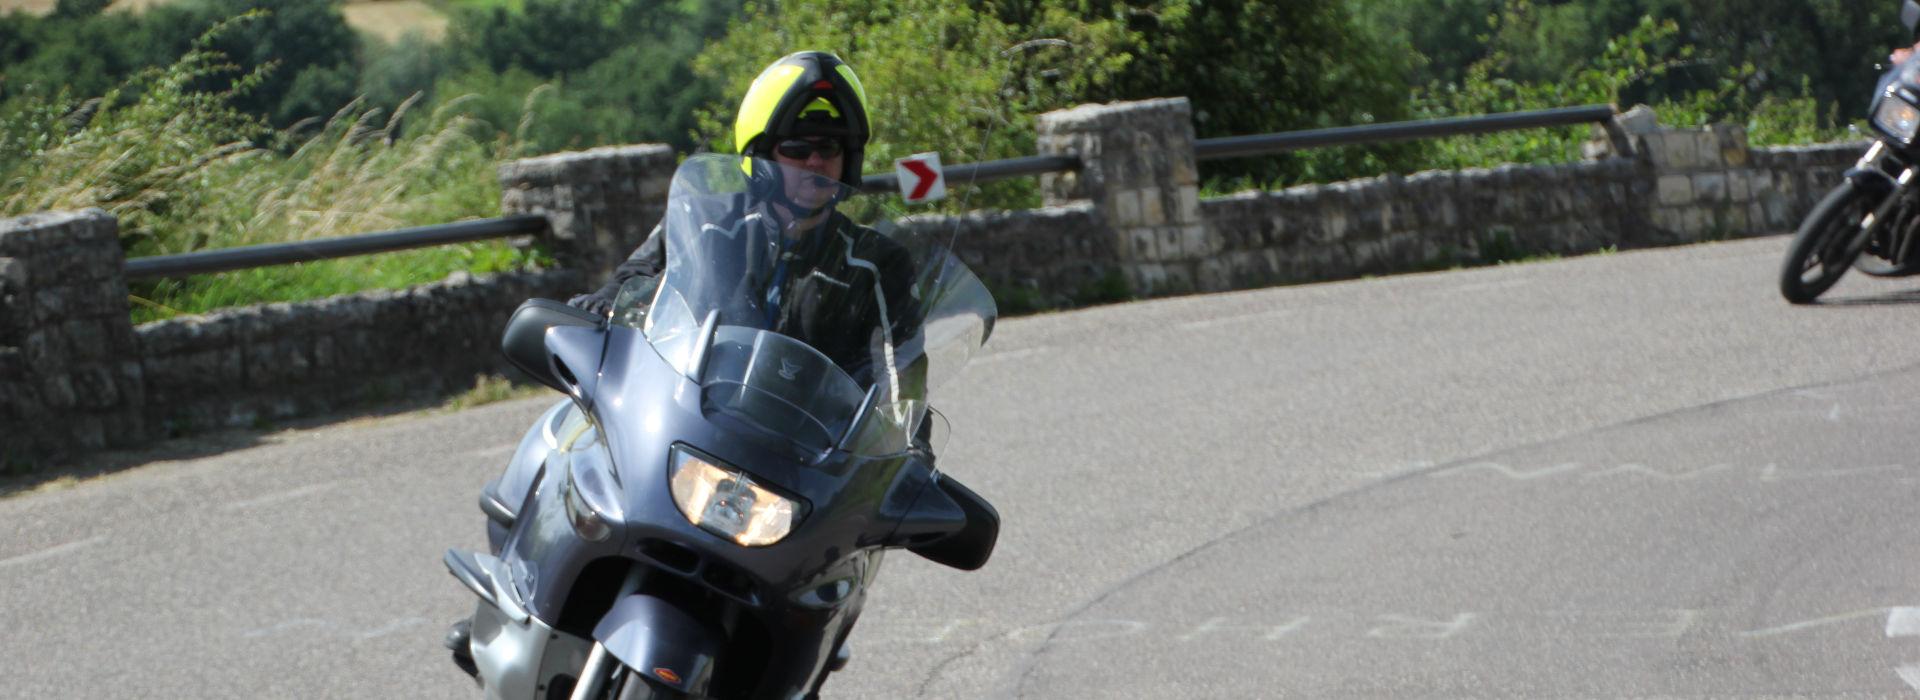 Motorrijbewijspoint Koningslust snel motorrijbewijs halen